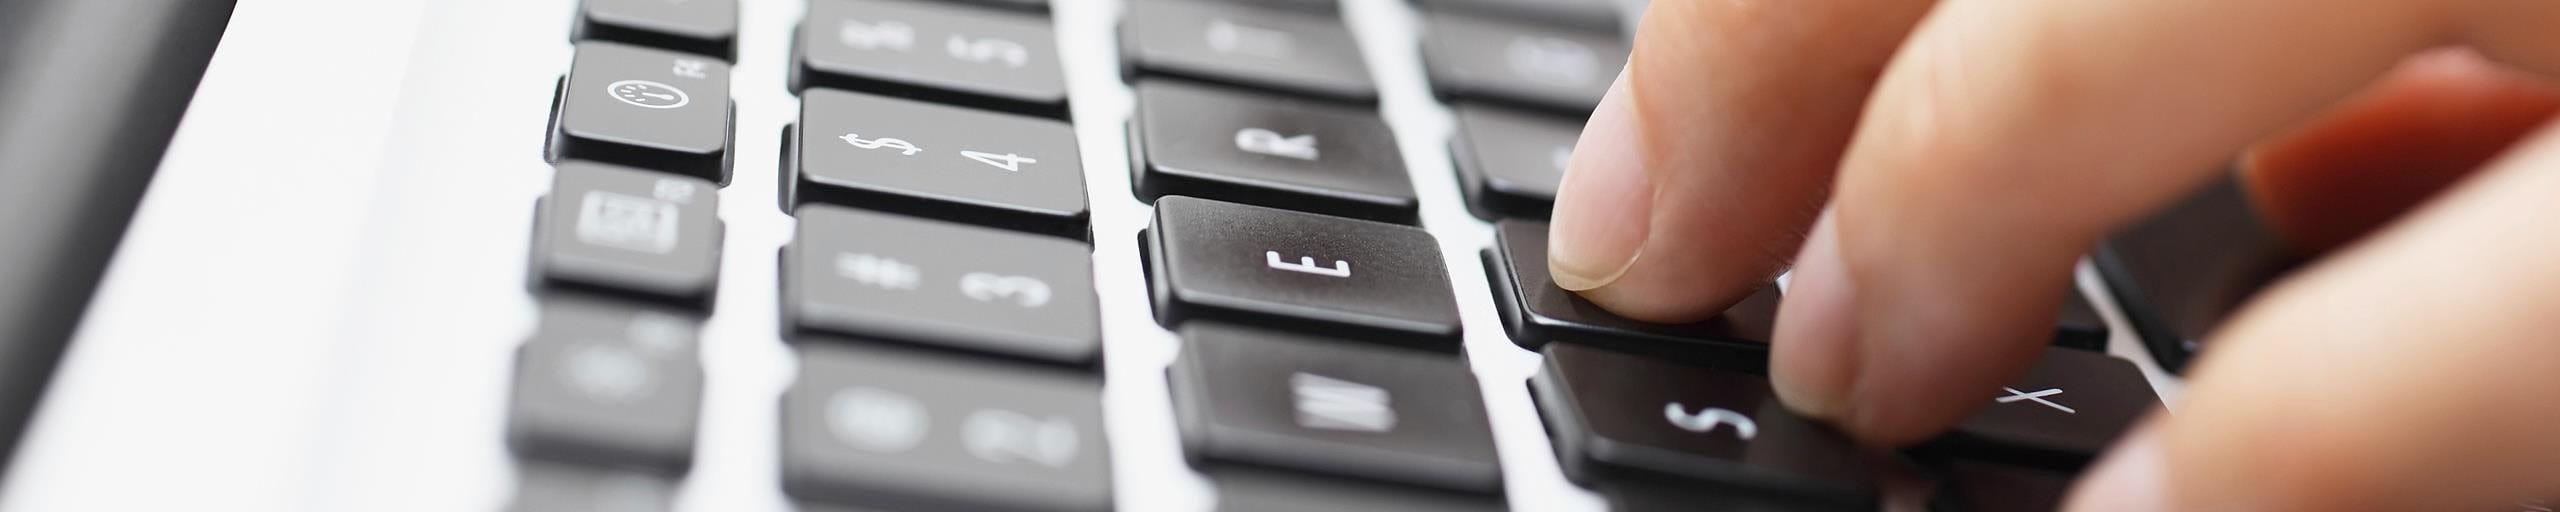 Eine Person schreibt am Computer.